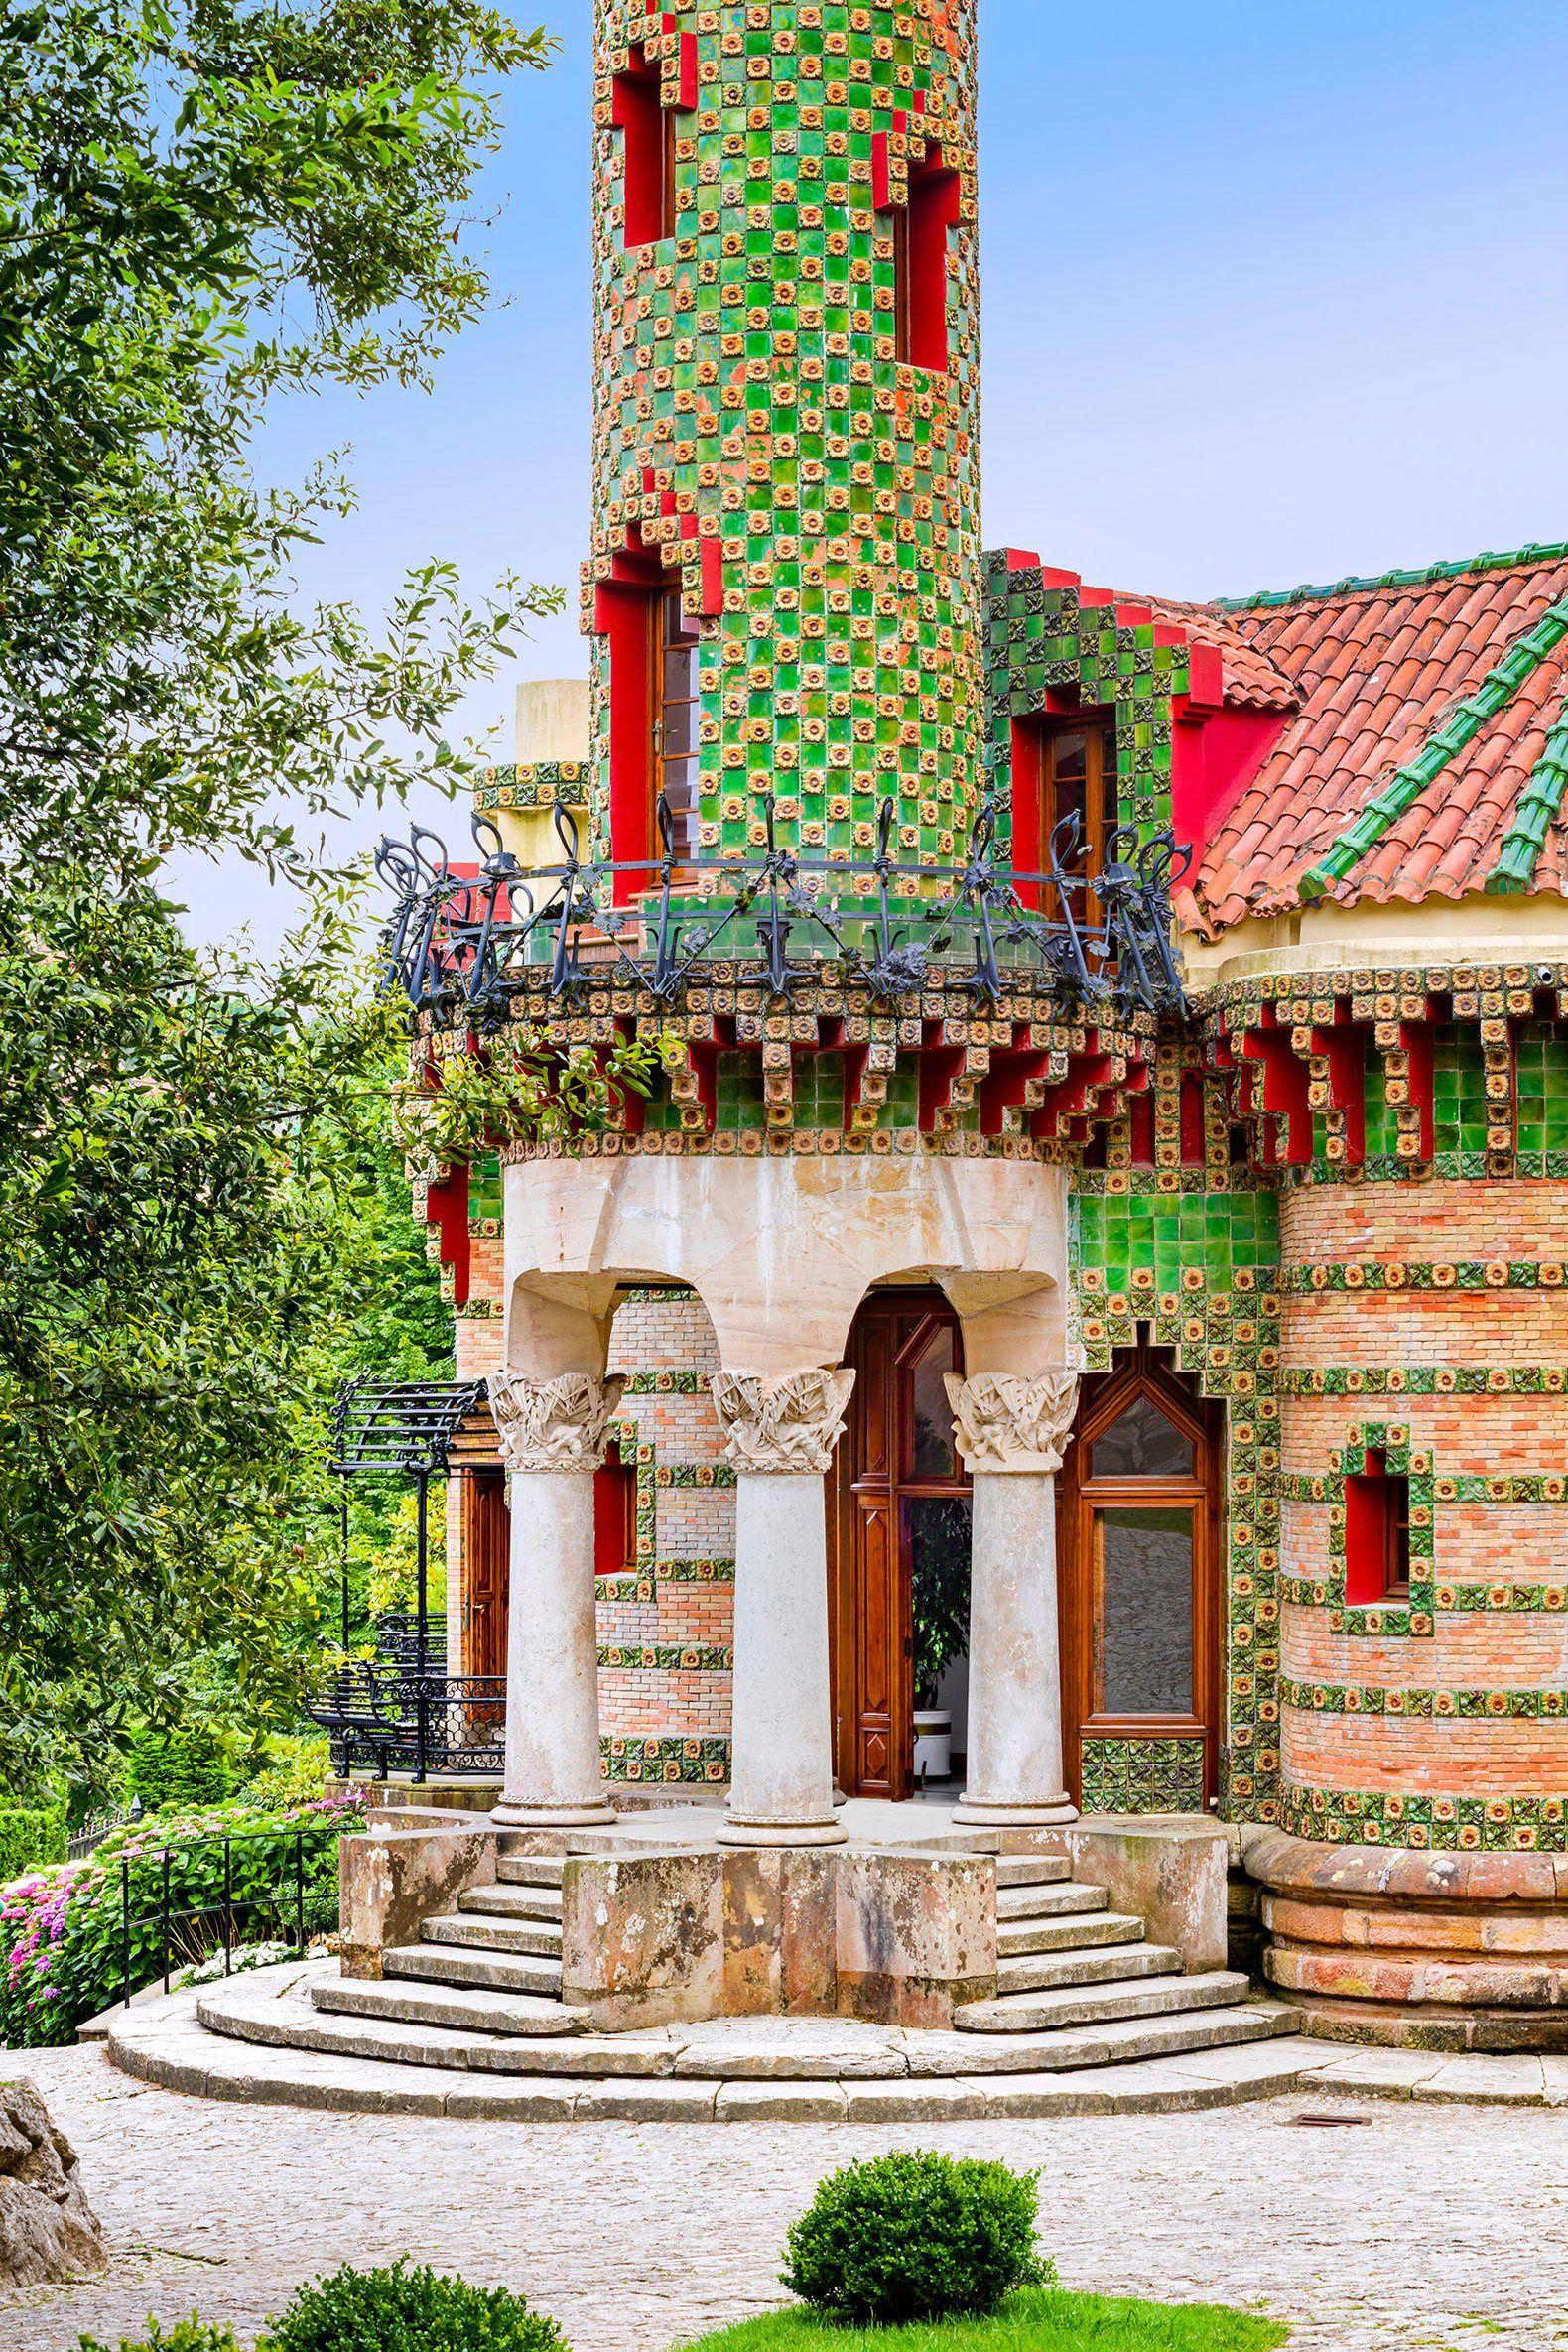 David Cardelús photographs Antoni Gaudí's El Capricho ...